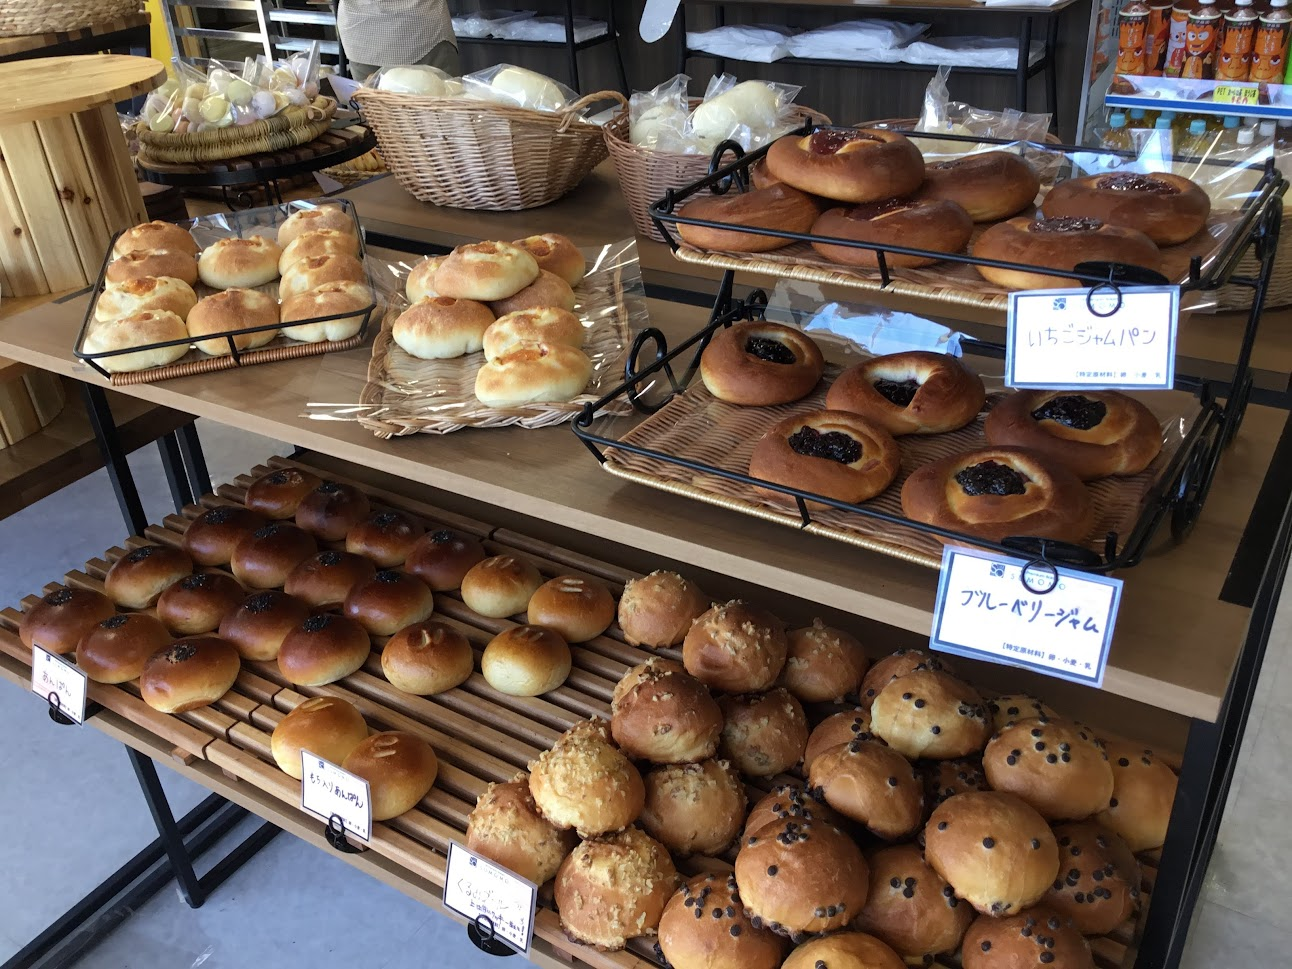 SUMOMO(すもも)大塚店でパンを購入。7個お持ち帰りで756円。それでいて美味しいし、驚き以外ない!